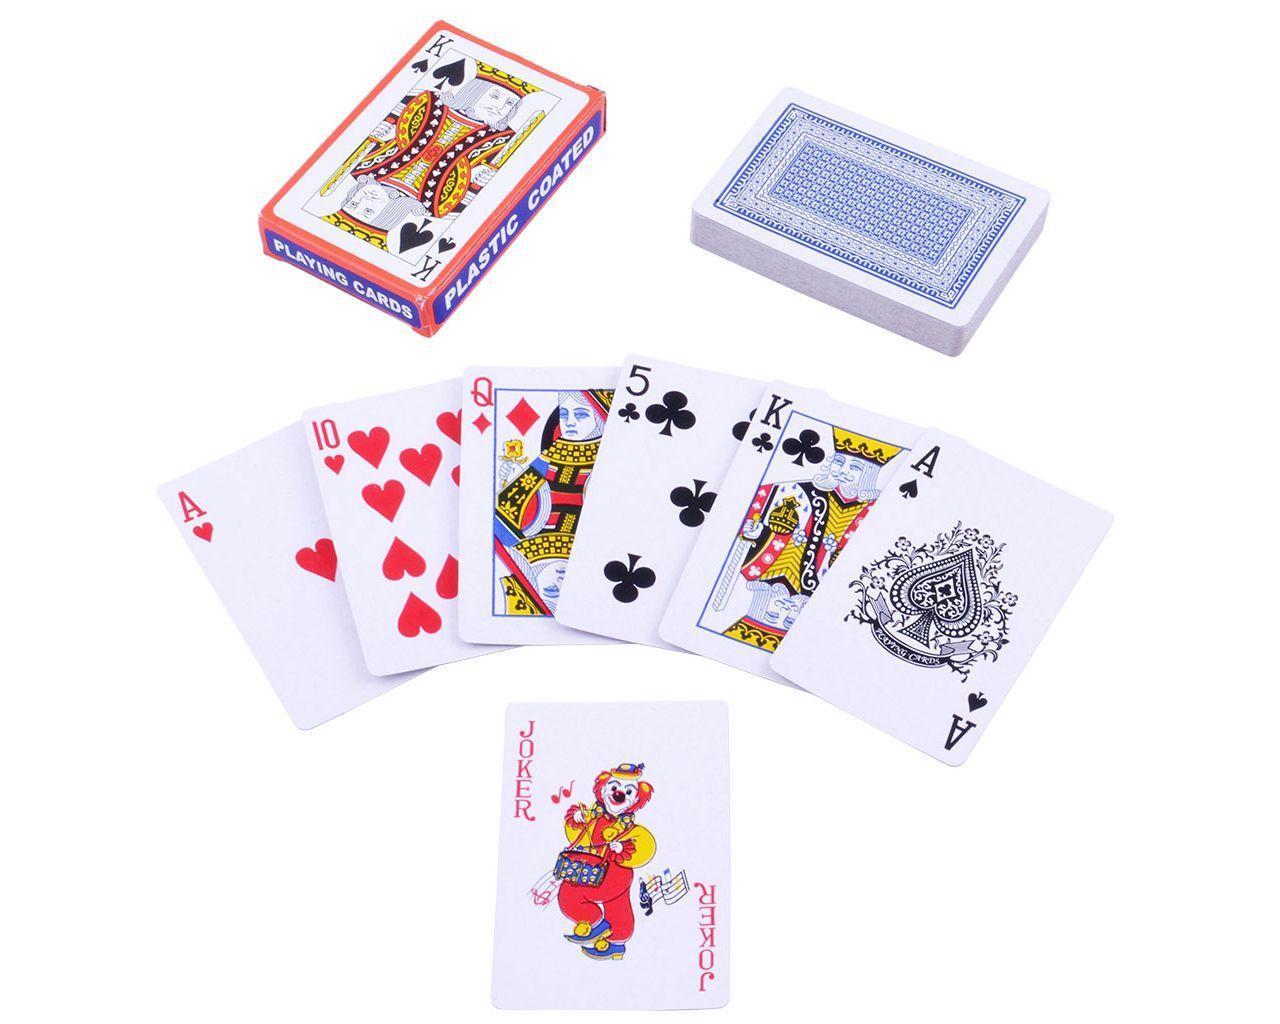 Игральные карты (plastic coated playing cards)